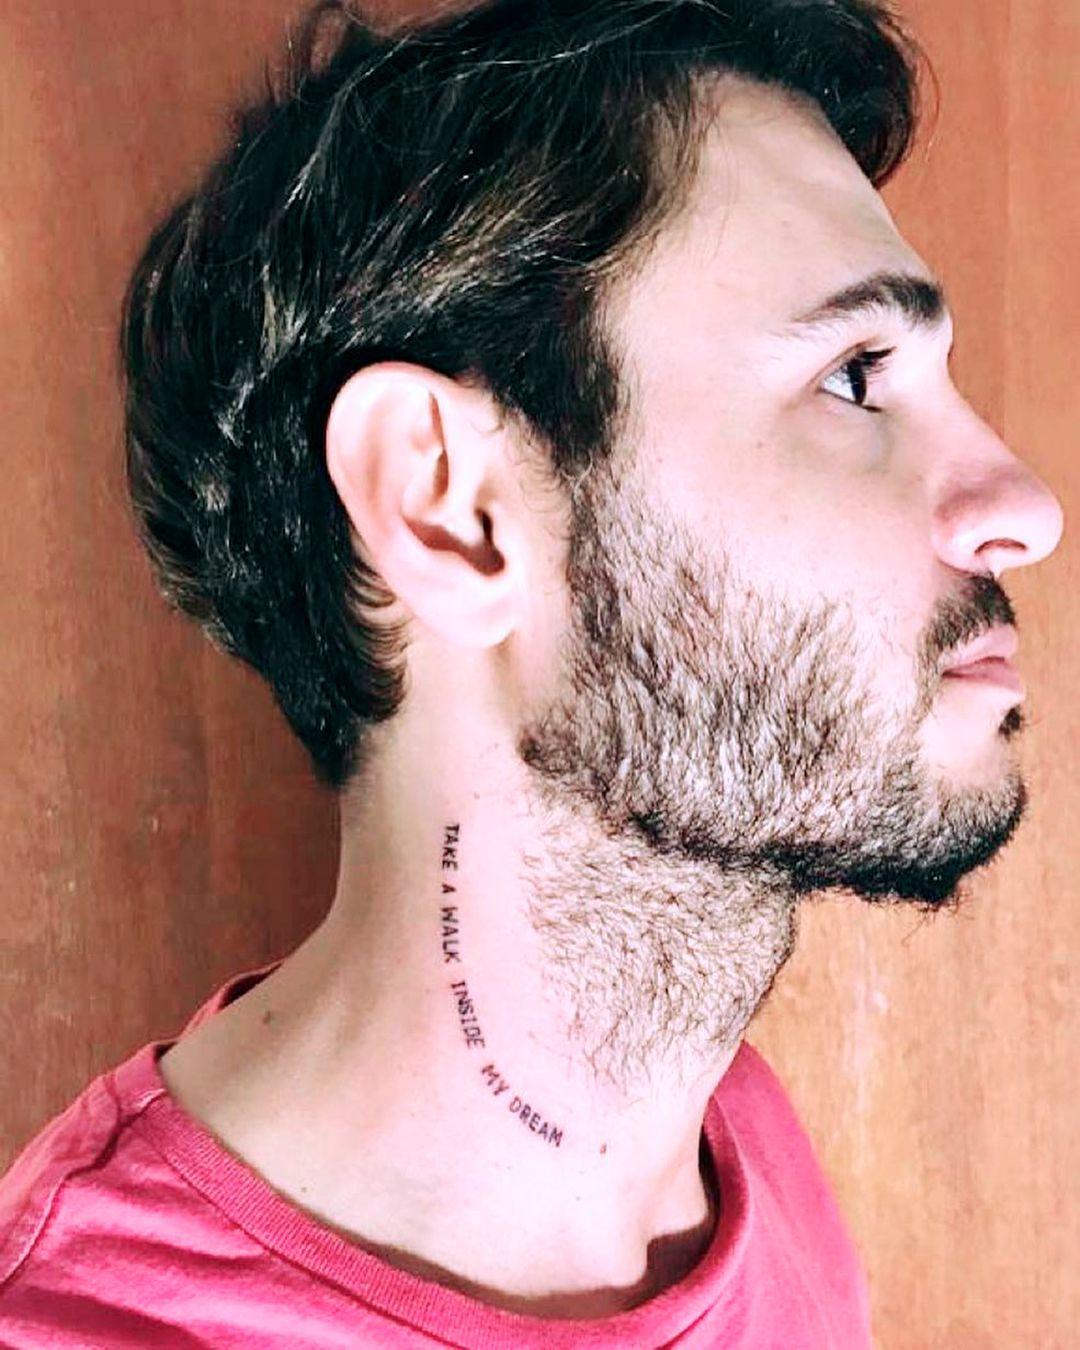 Tomás mostrando su tatuaje con una frase de Roxette